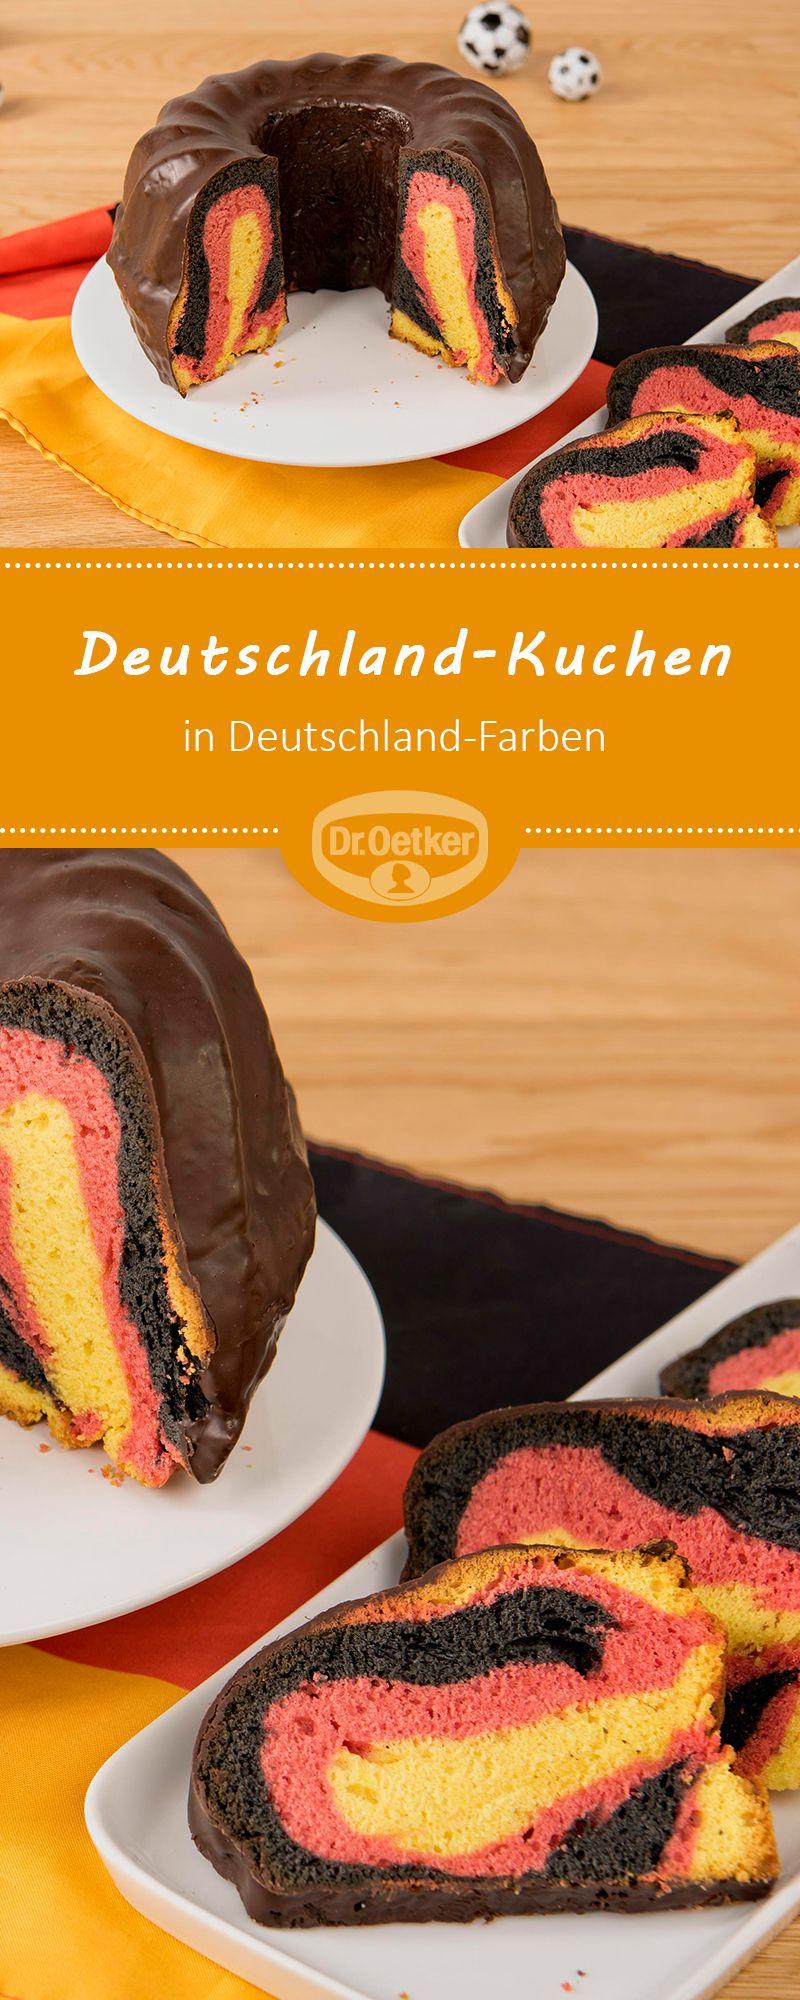 Deutschland kuchen rezept traumhafte kuchen rezepte for Kuchen in deutschland